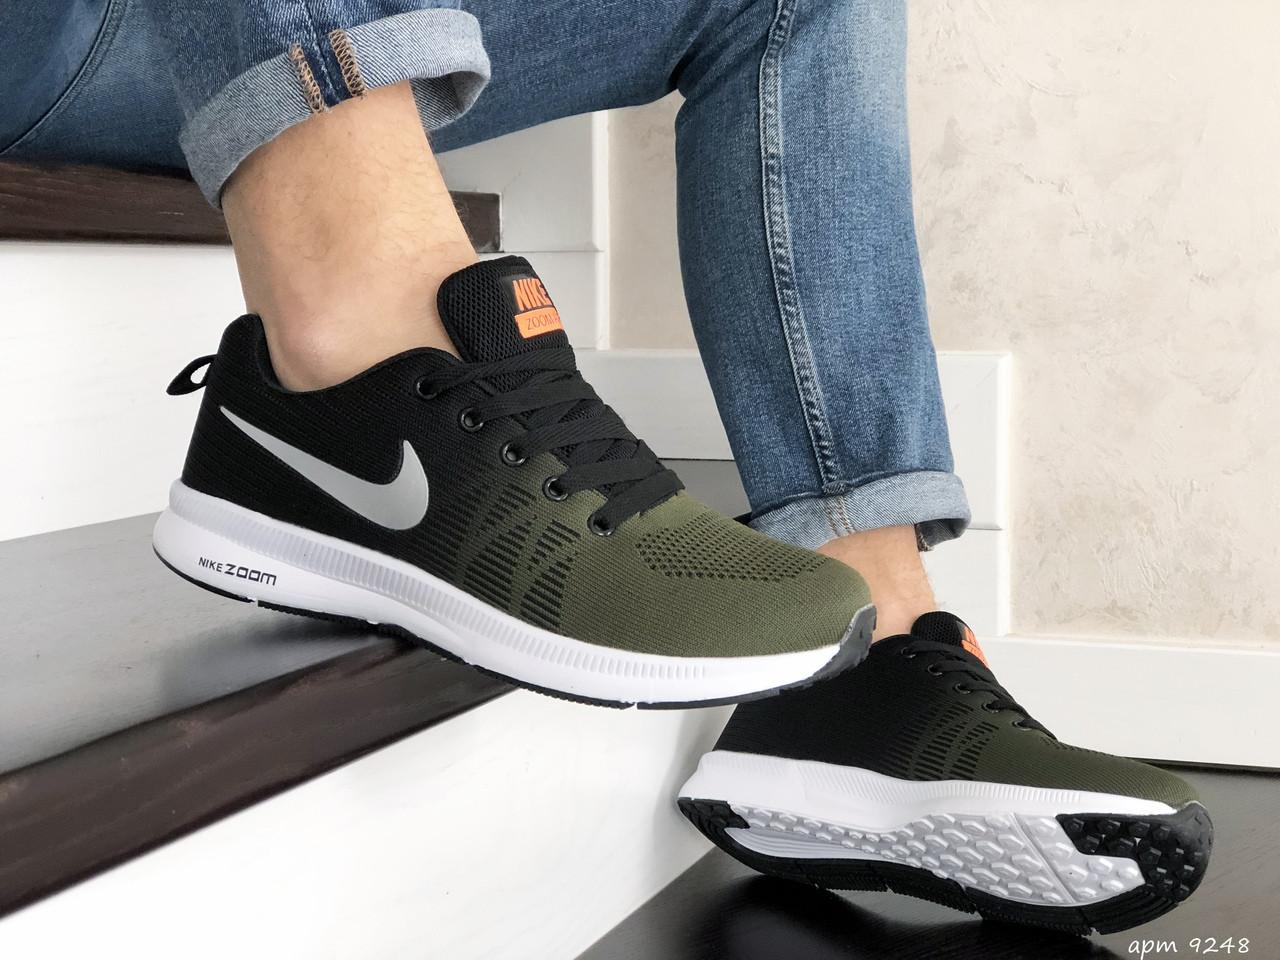 Мужские кроссовки Nike ZOOM (темно-зеленые с черным и белым) 9248